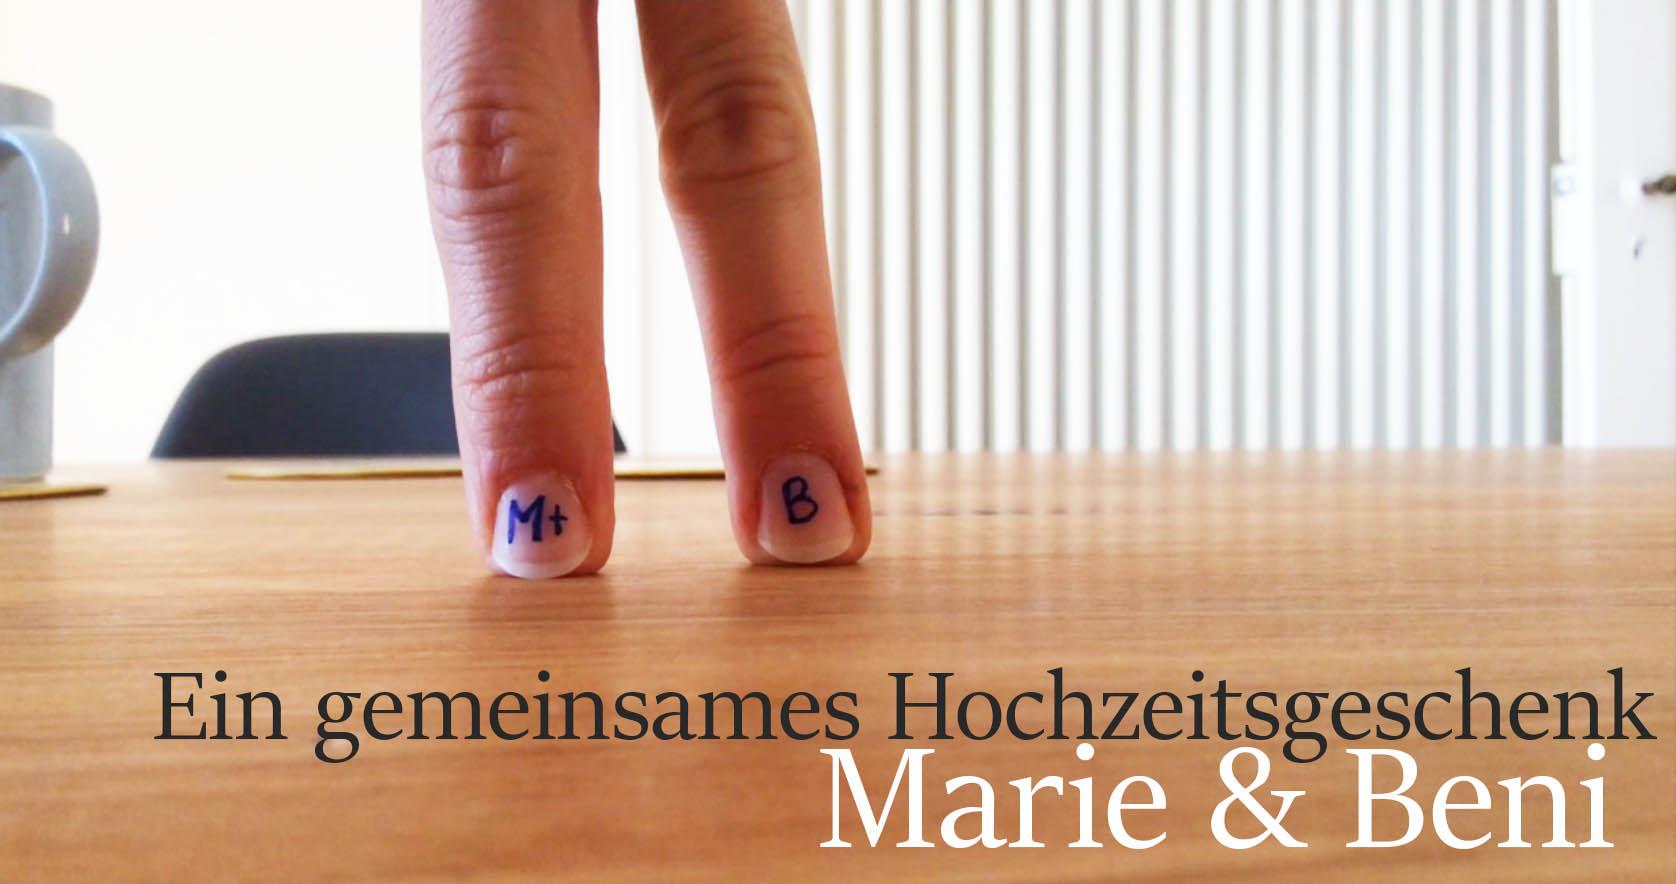 cover marie&beni hochzeitsgeschenk2